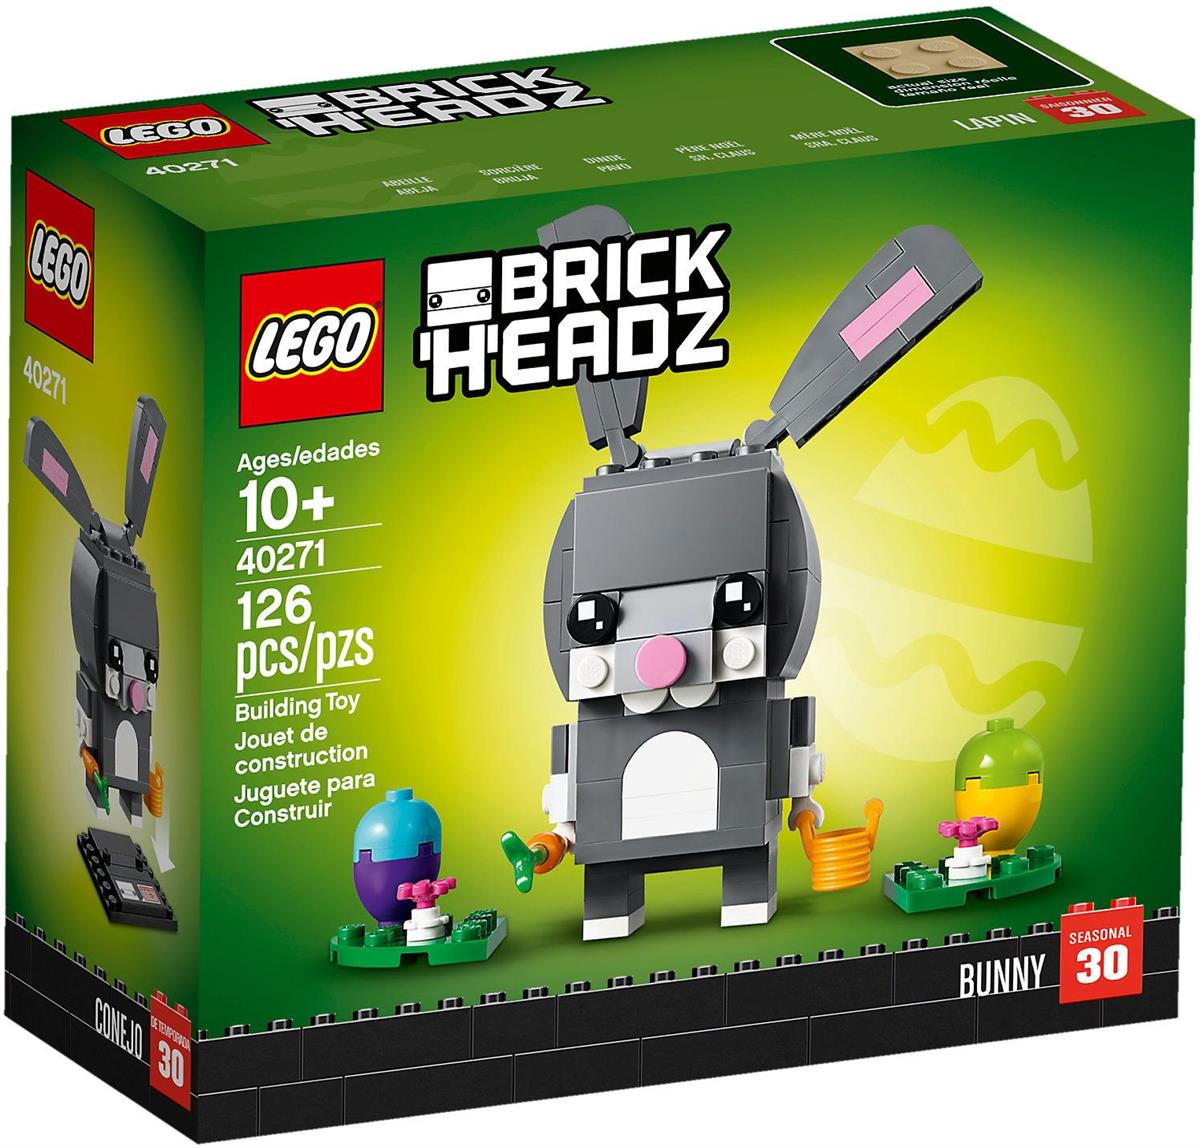 LEGO 40271 CONIGLIETTO DI PASQUA BRICK HEADZ